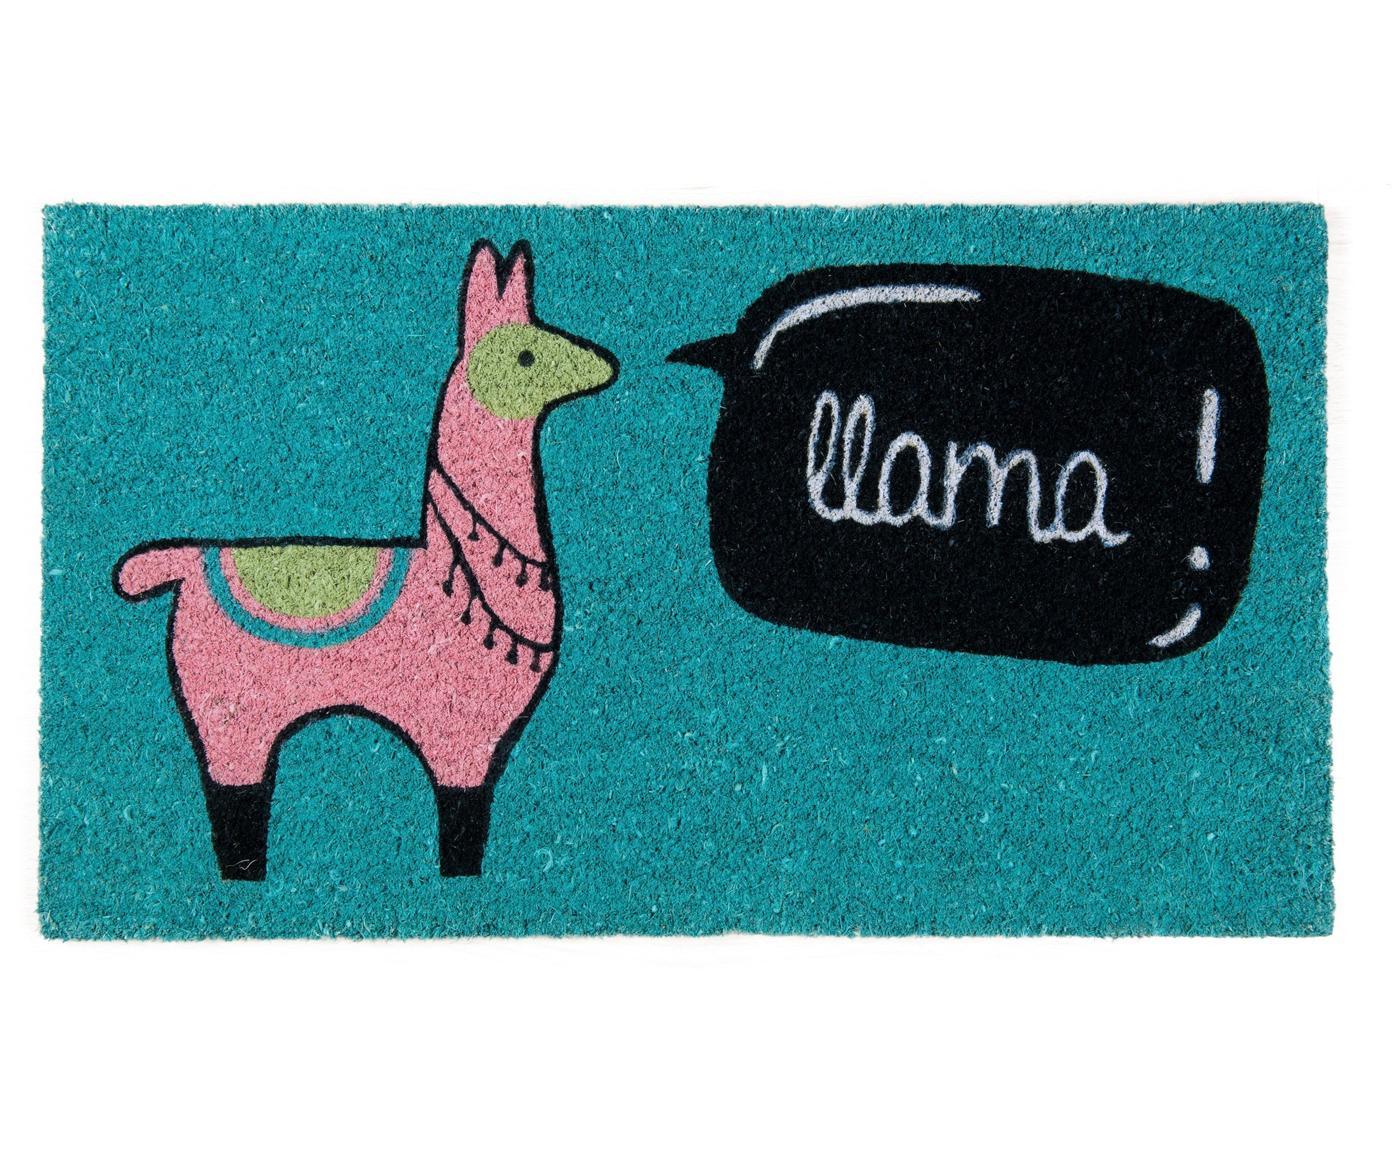 Fußmatte Llama, Kokosfaser, Blau, Rosa, Schwarz, Beige, Weiß, 40 x 70 cm